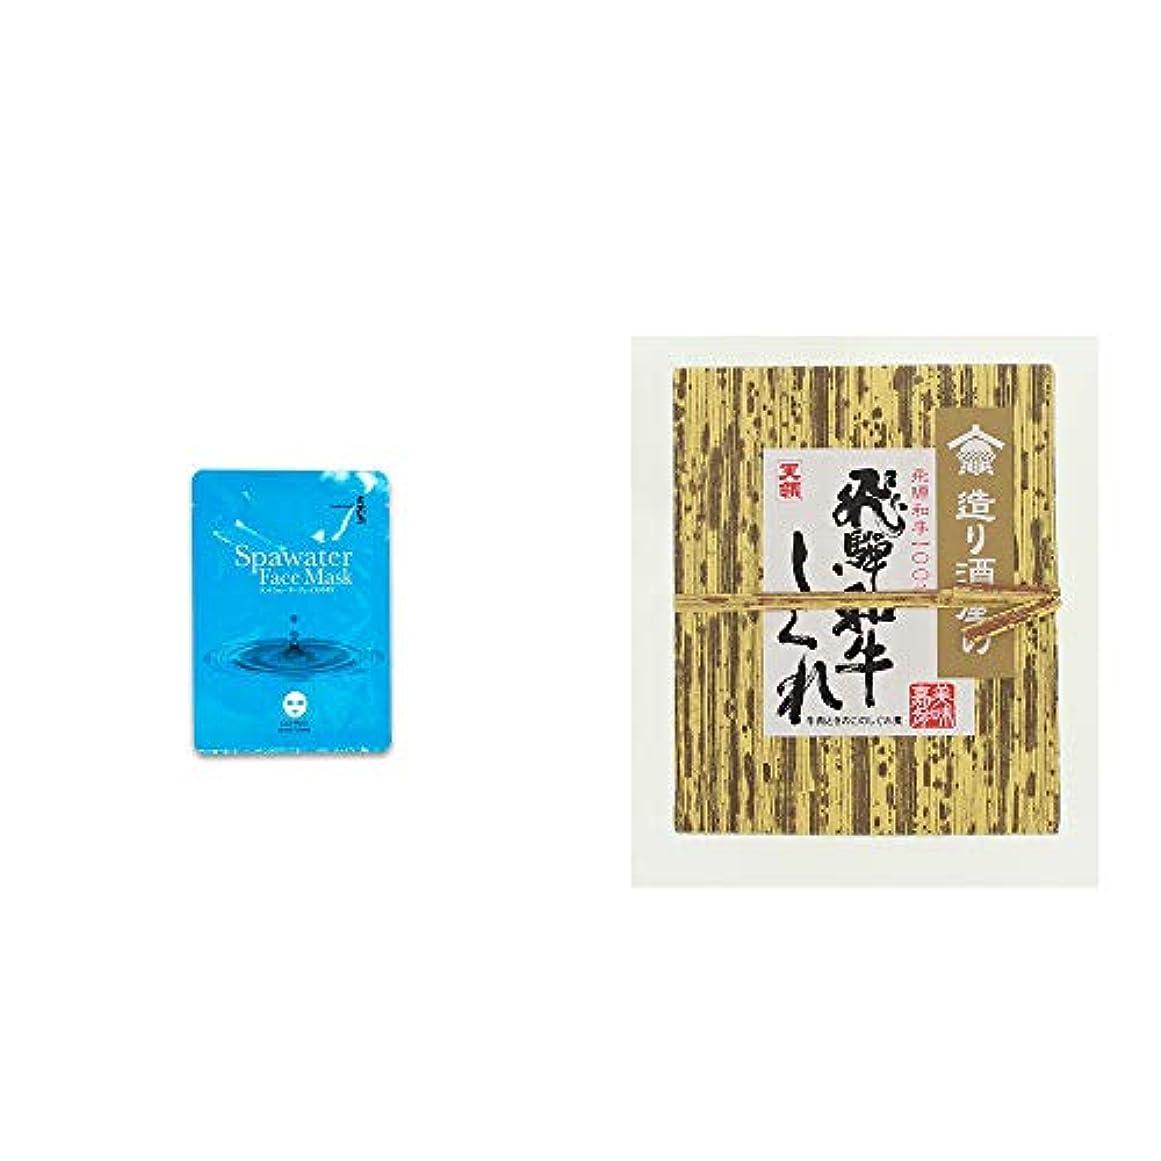 [2点セット] ひのき炭黒泉 スパウォーターフェイスマスク(18ml×3枚入)?天領酒造 造り酒屋の飛騨和牛しぐれ(100g)